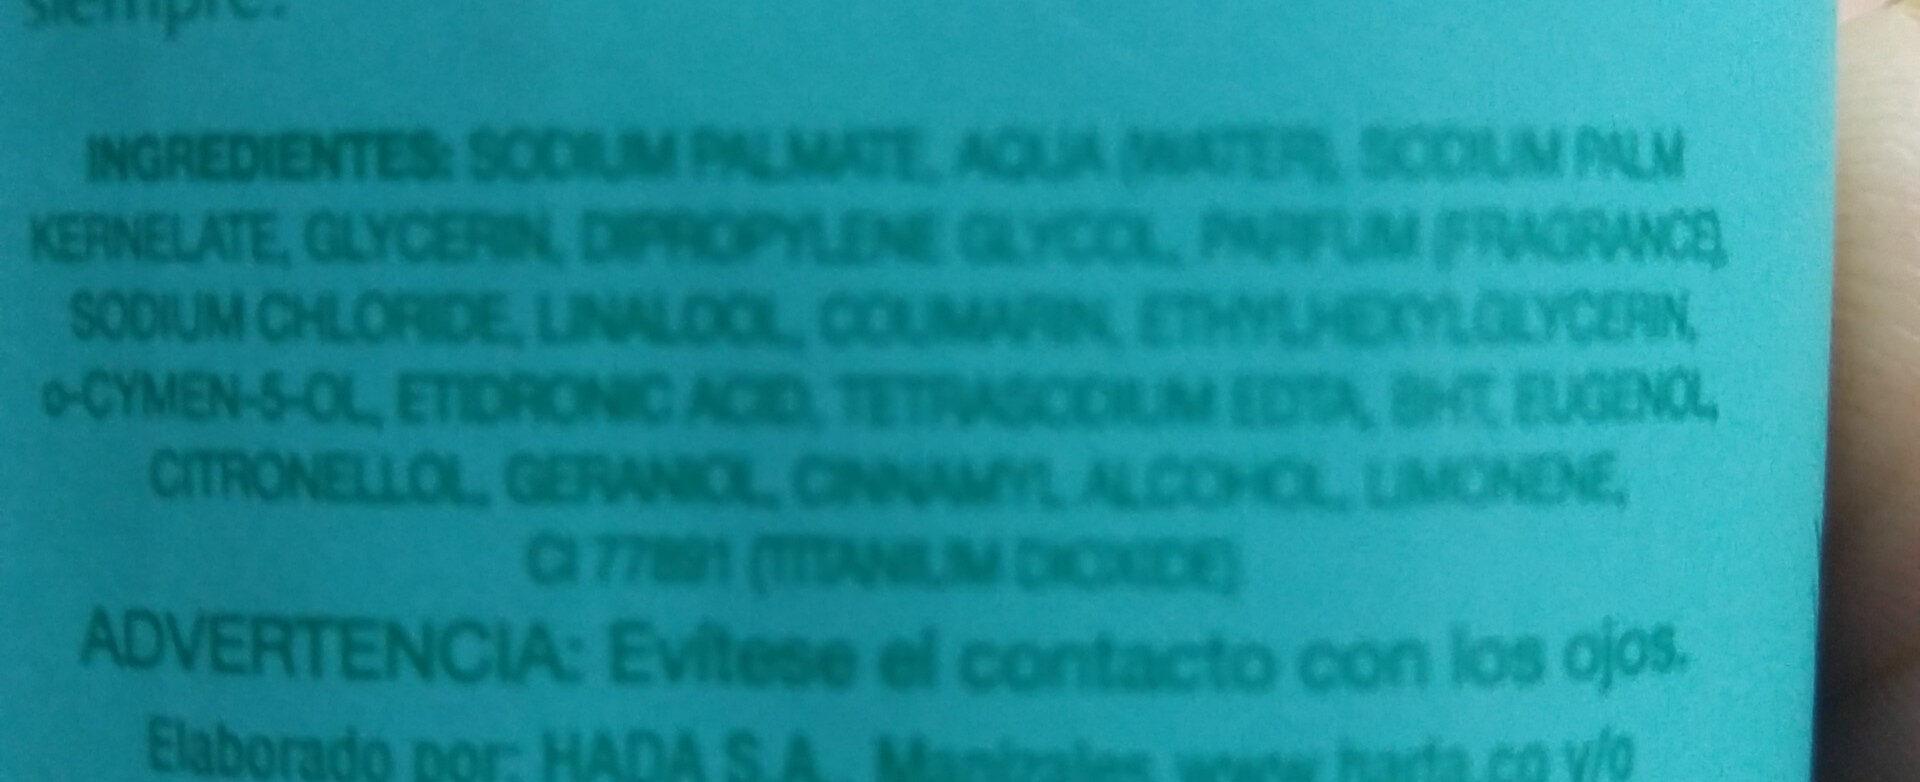 Jabón Natural Antibacteriano - Ingredients - es